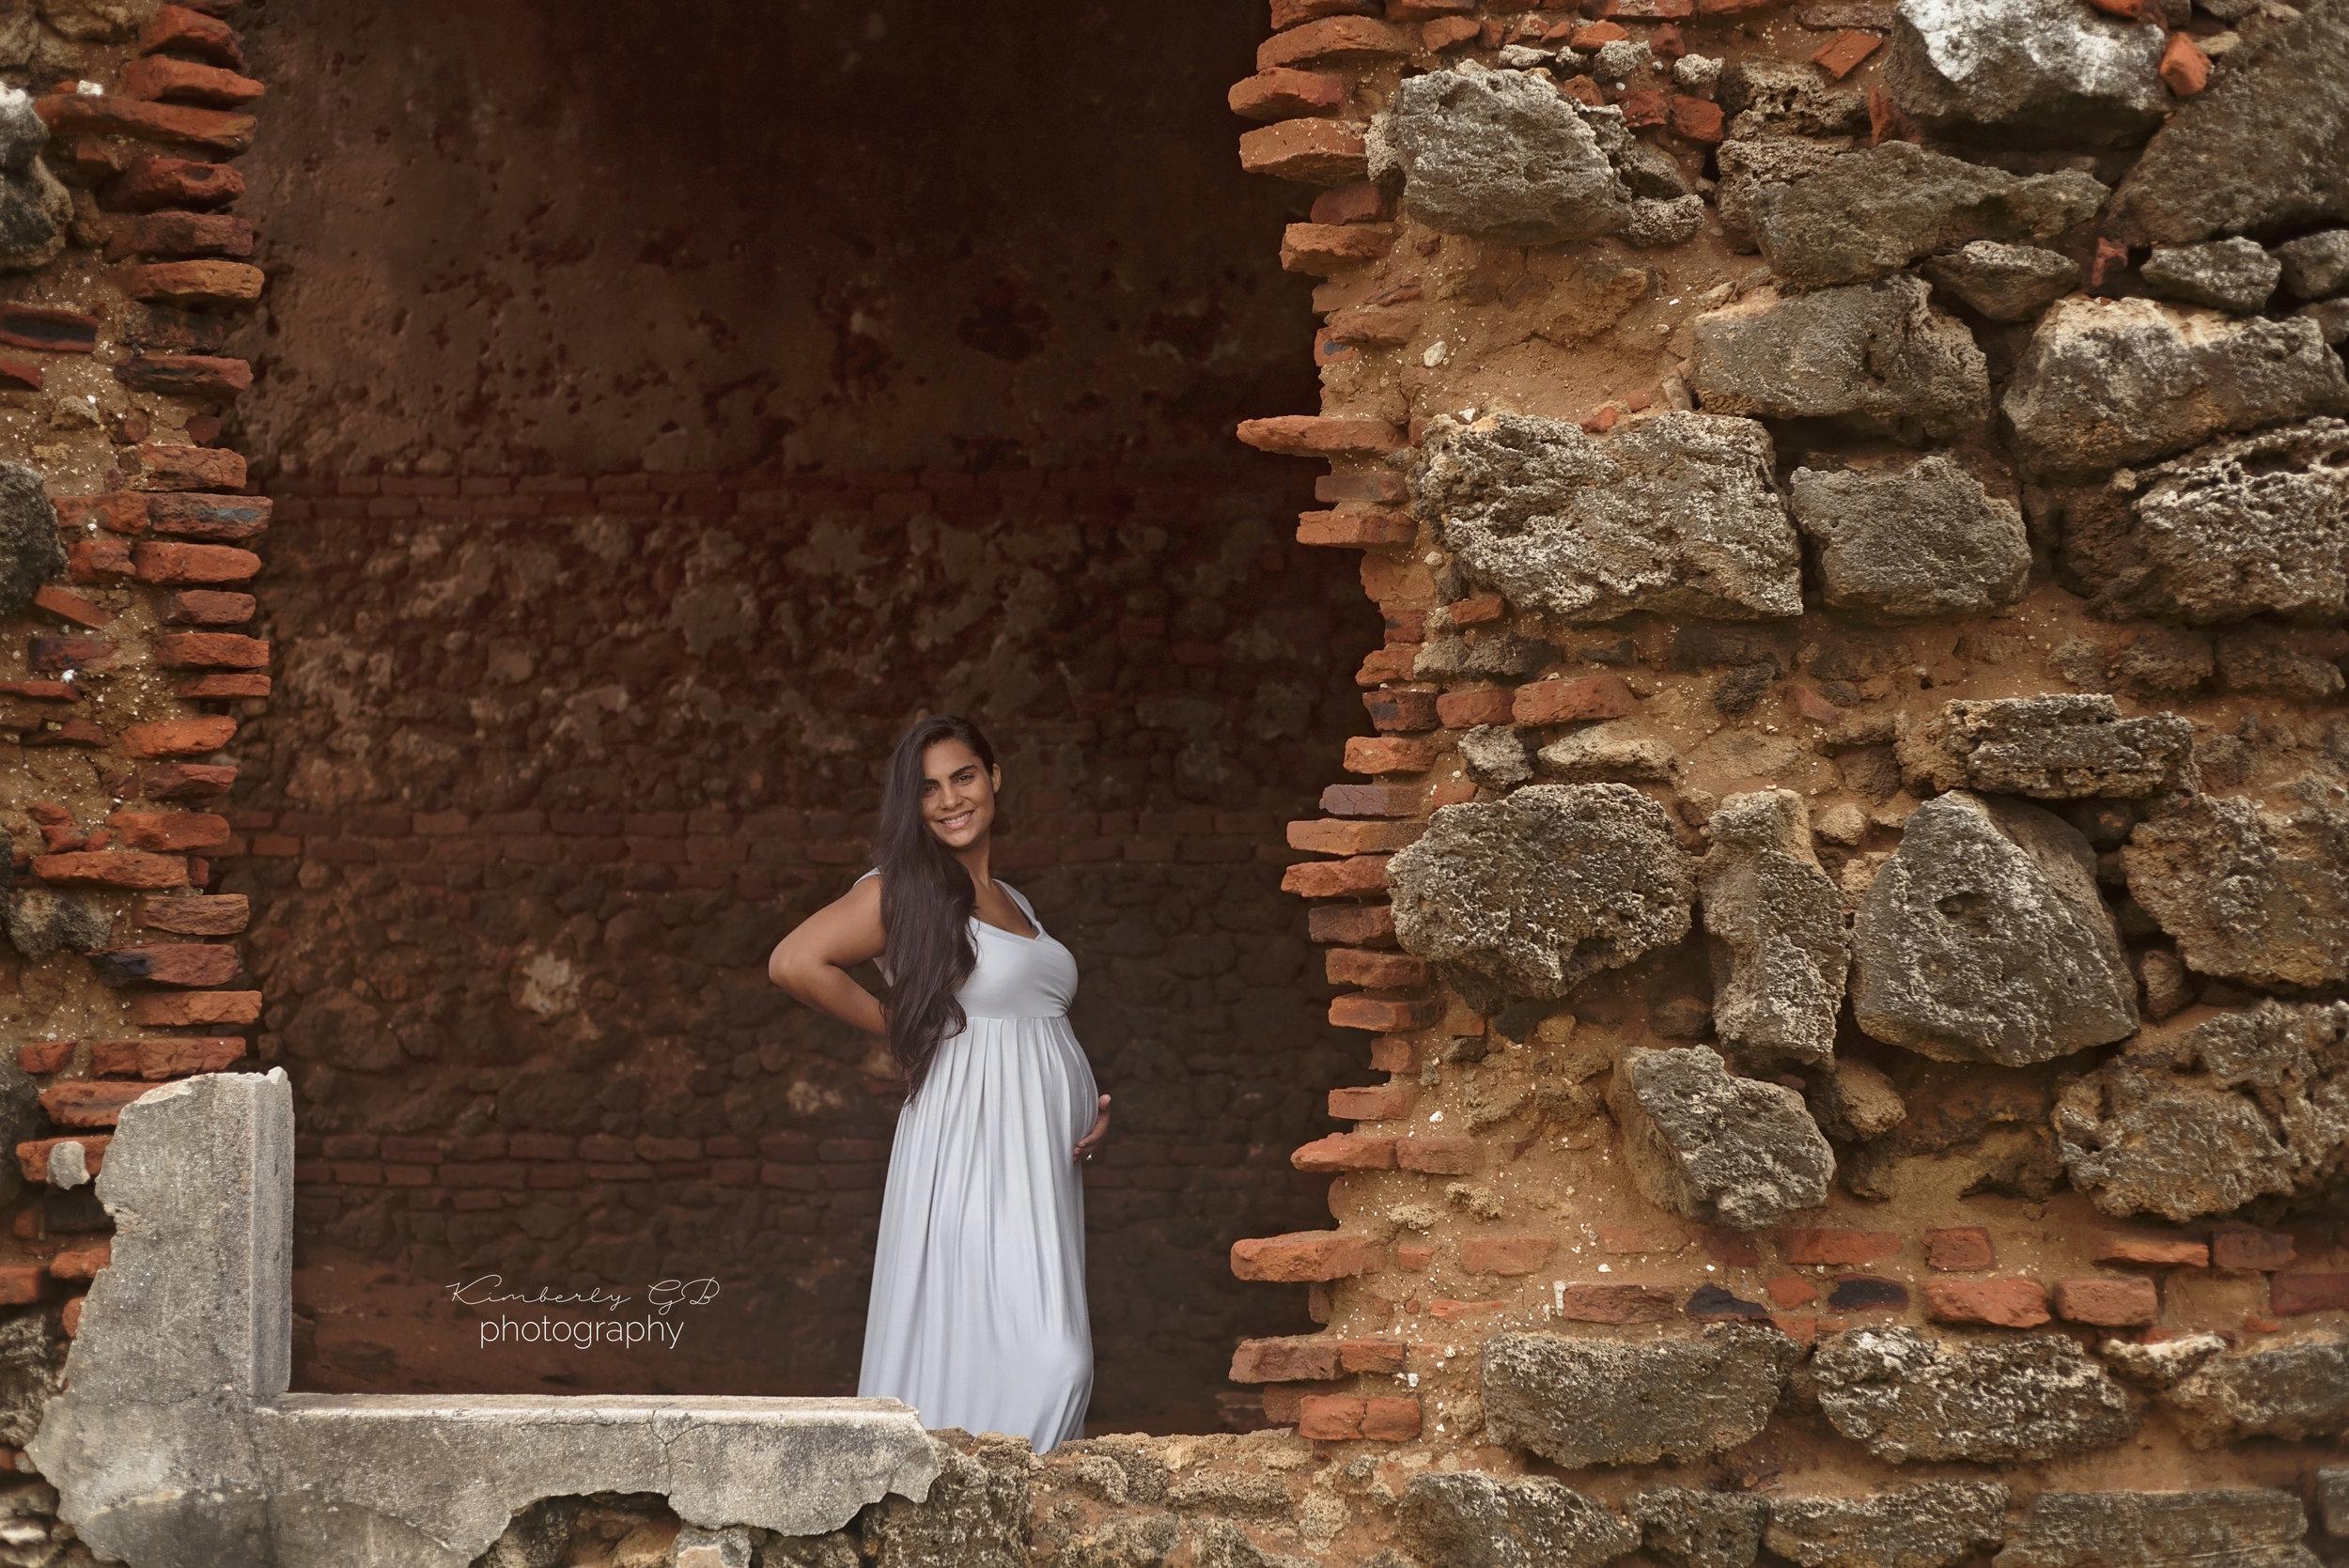 fotografia-fotografa-de-maternidad-embarazo-embarazada-en-puerto-rico-fotografia-100.jpg